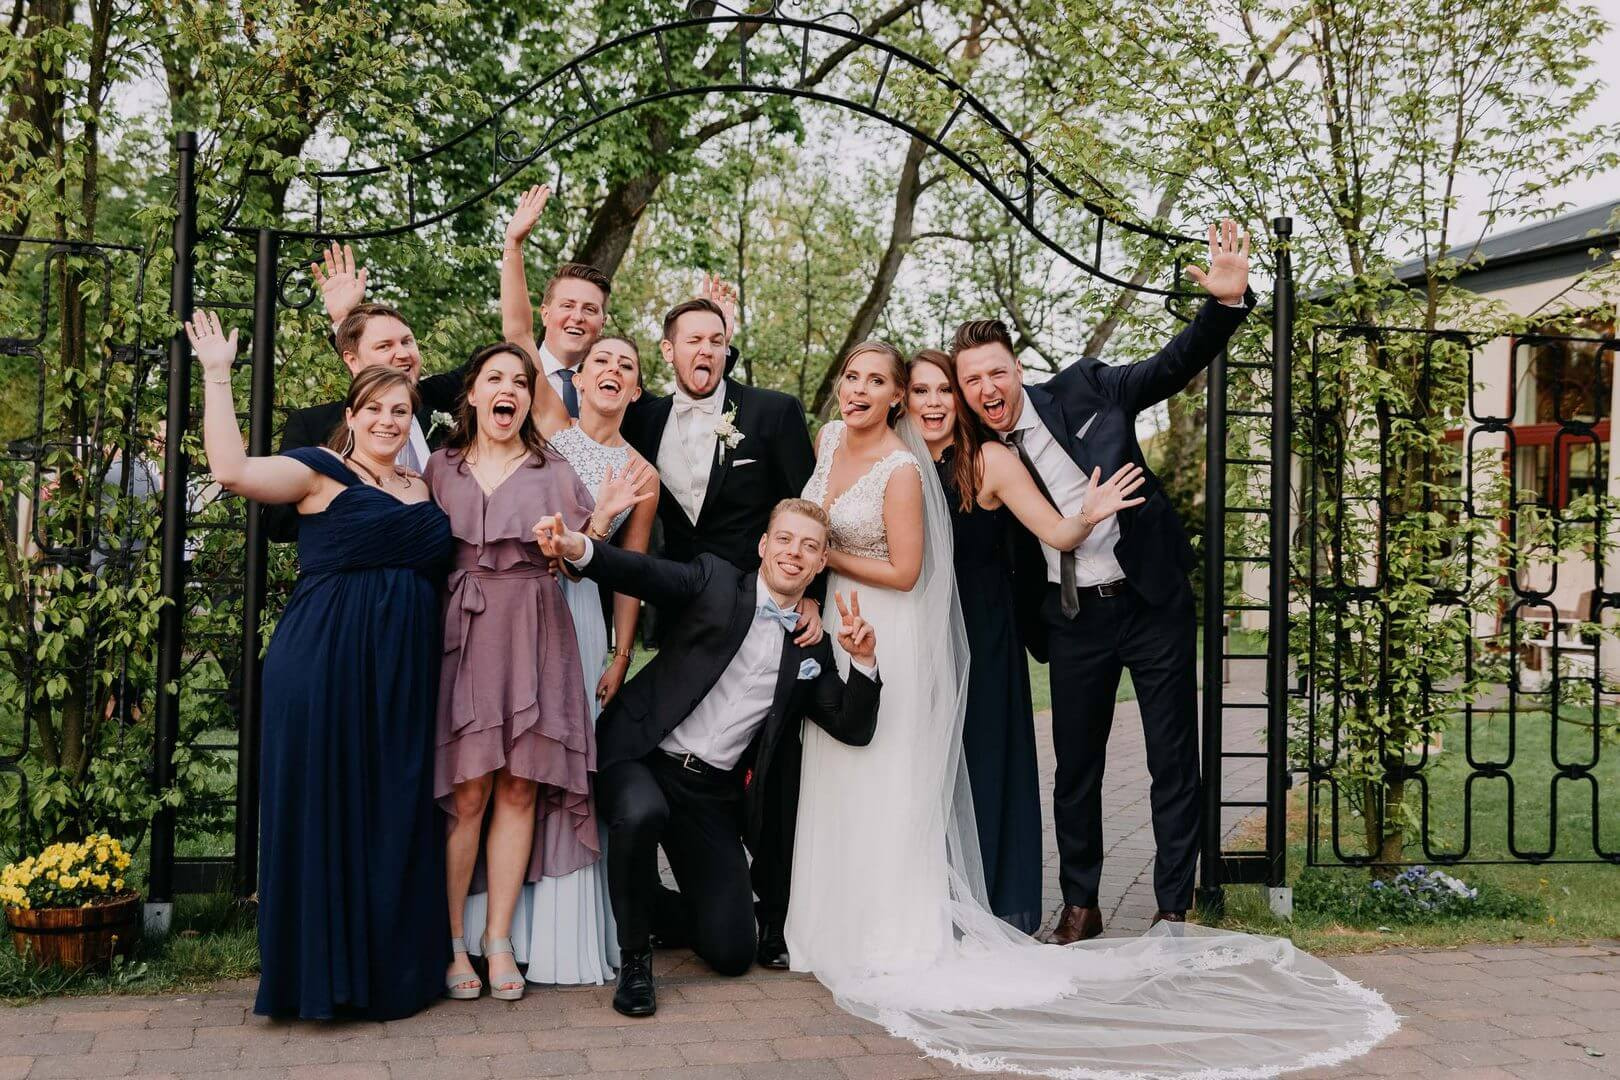 Zdjęcia grupowe na weselu. fotograf Szpakowicz Aleksander Gdańsk, Trójmiasto - szpakowicz-studio.pl 15